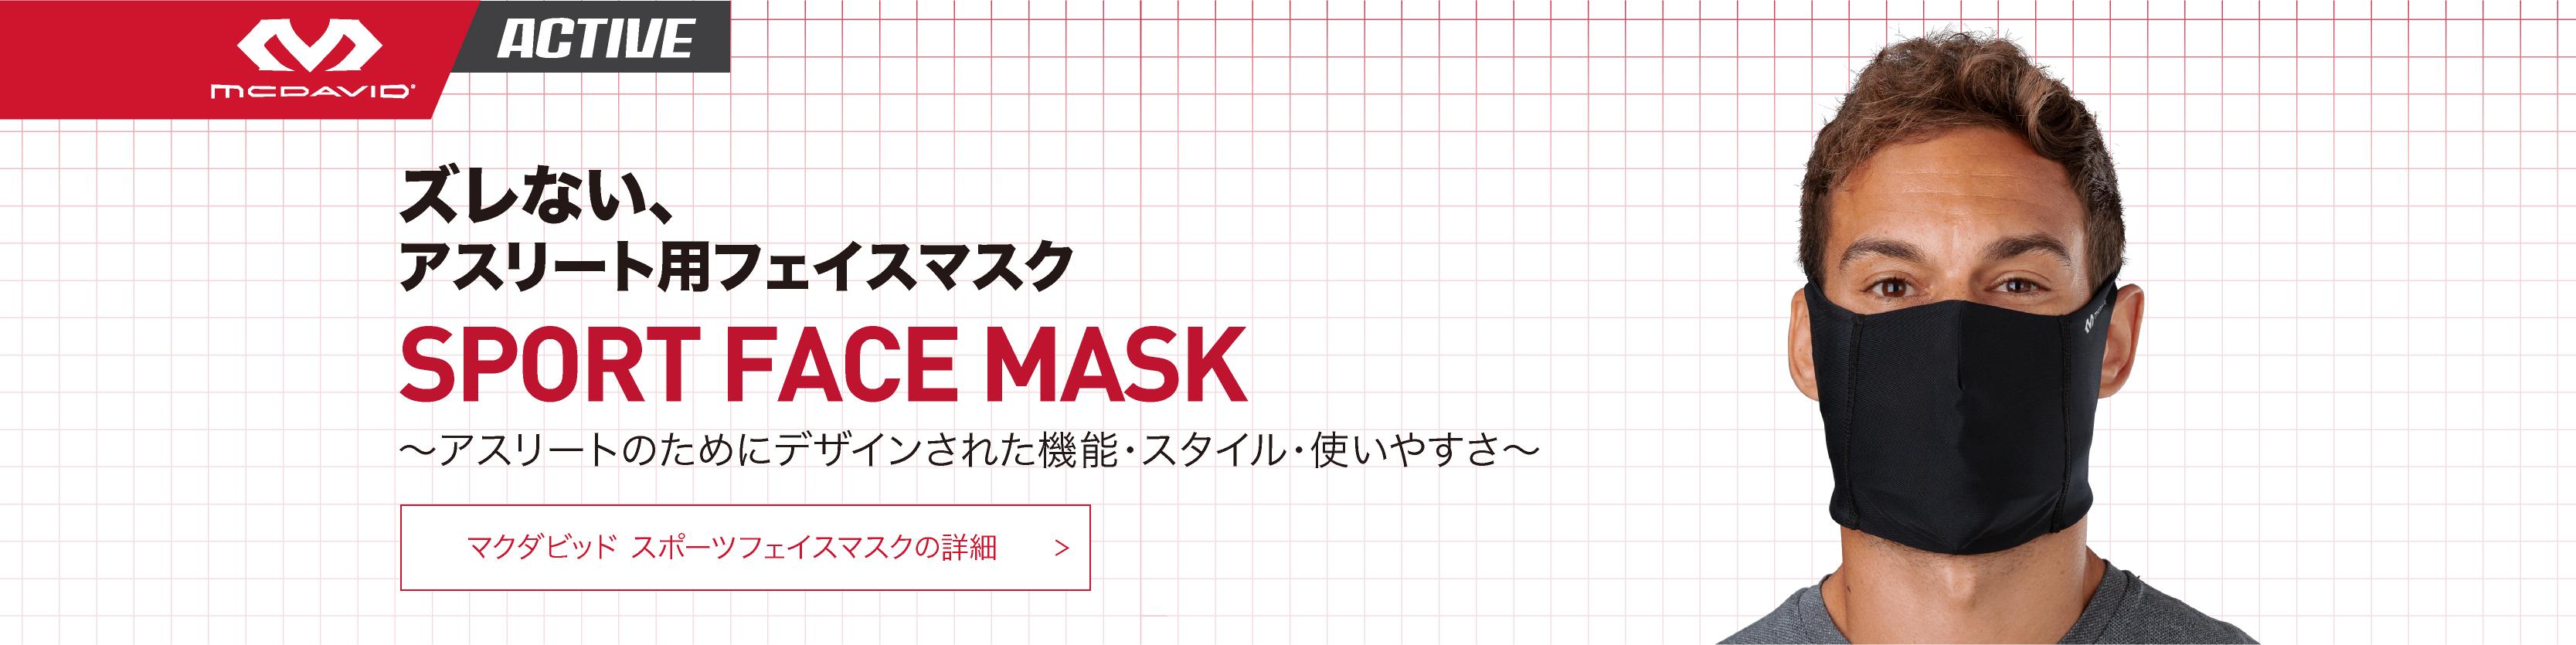 マクダビッド スポーツフェイスマスク